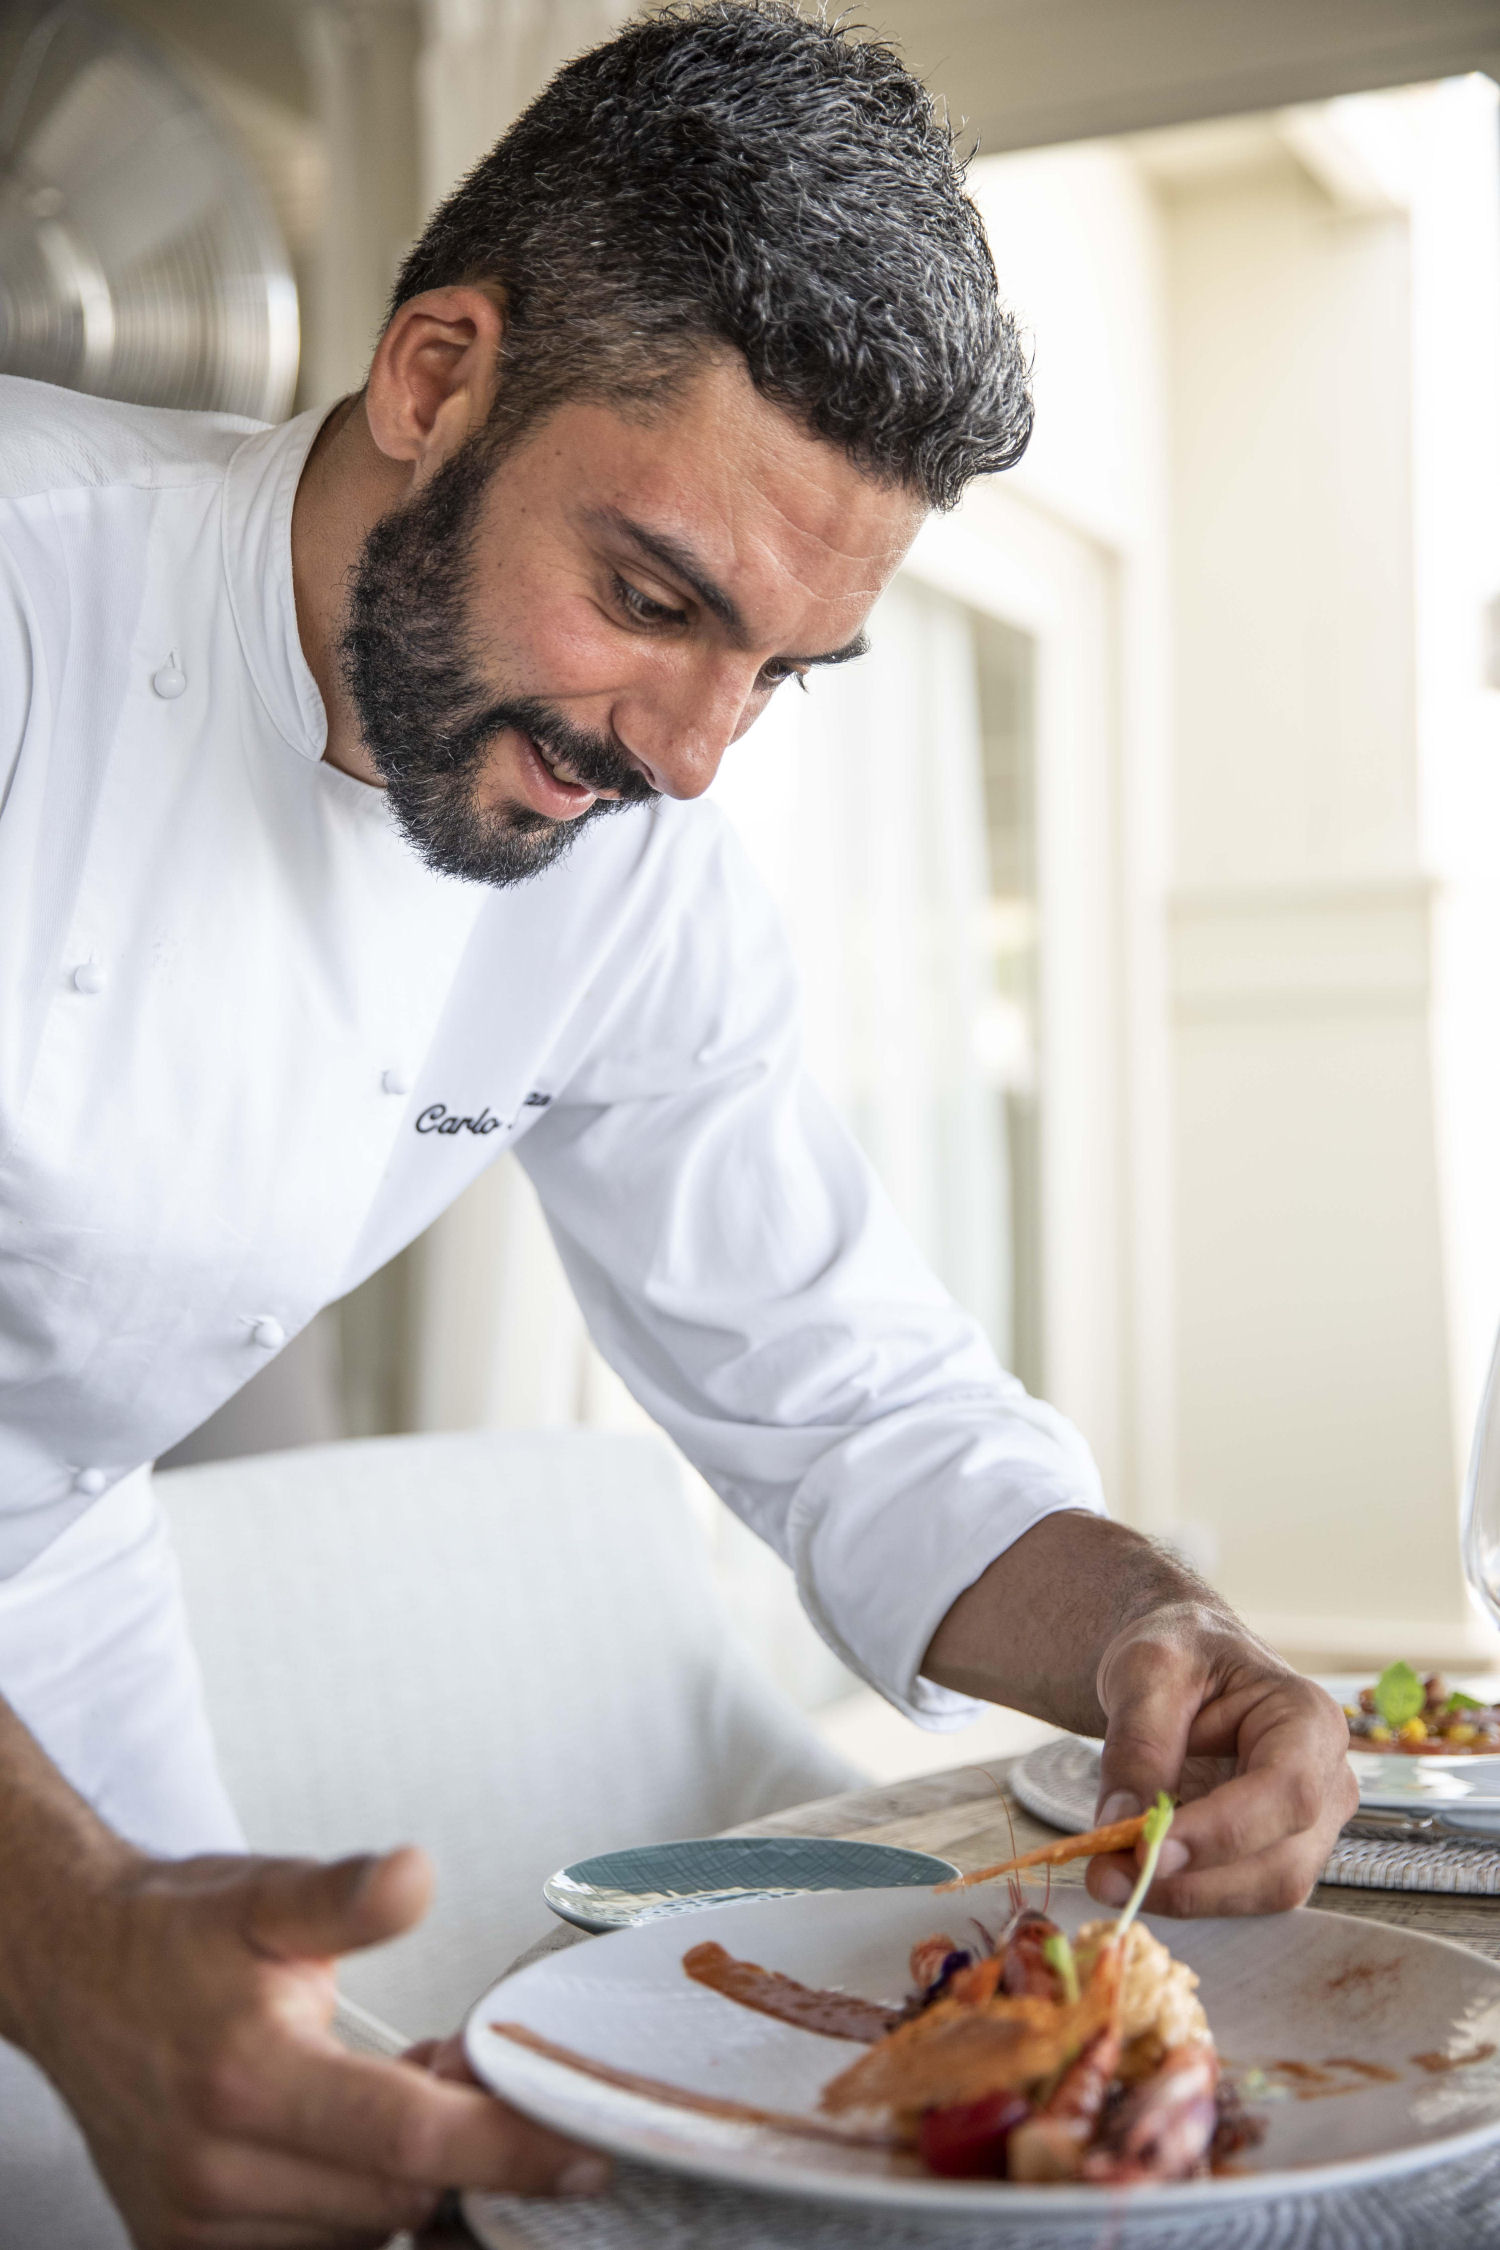 ecco la miglior cucina gourmet a portata di yacht